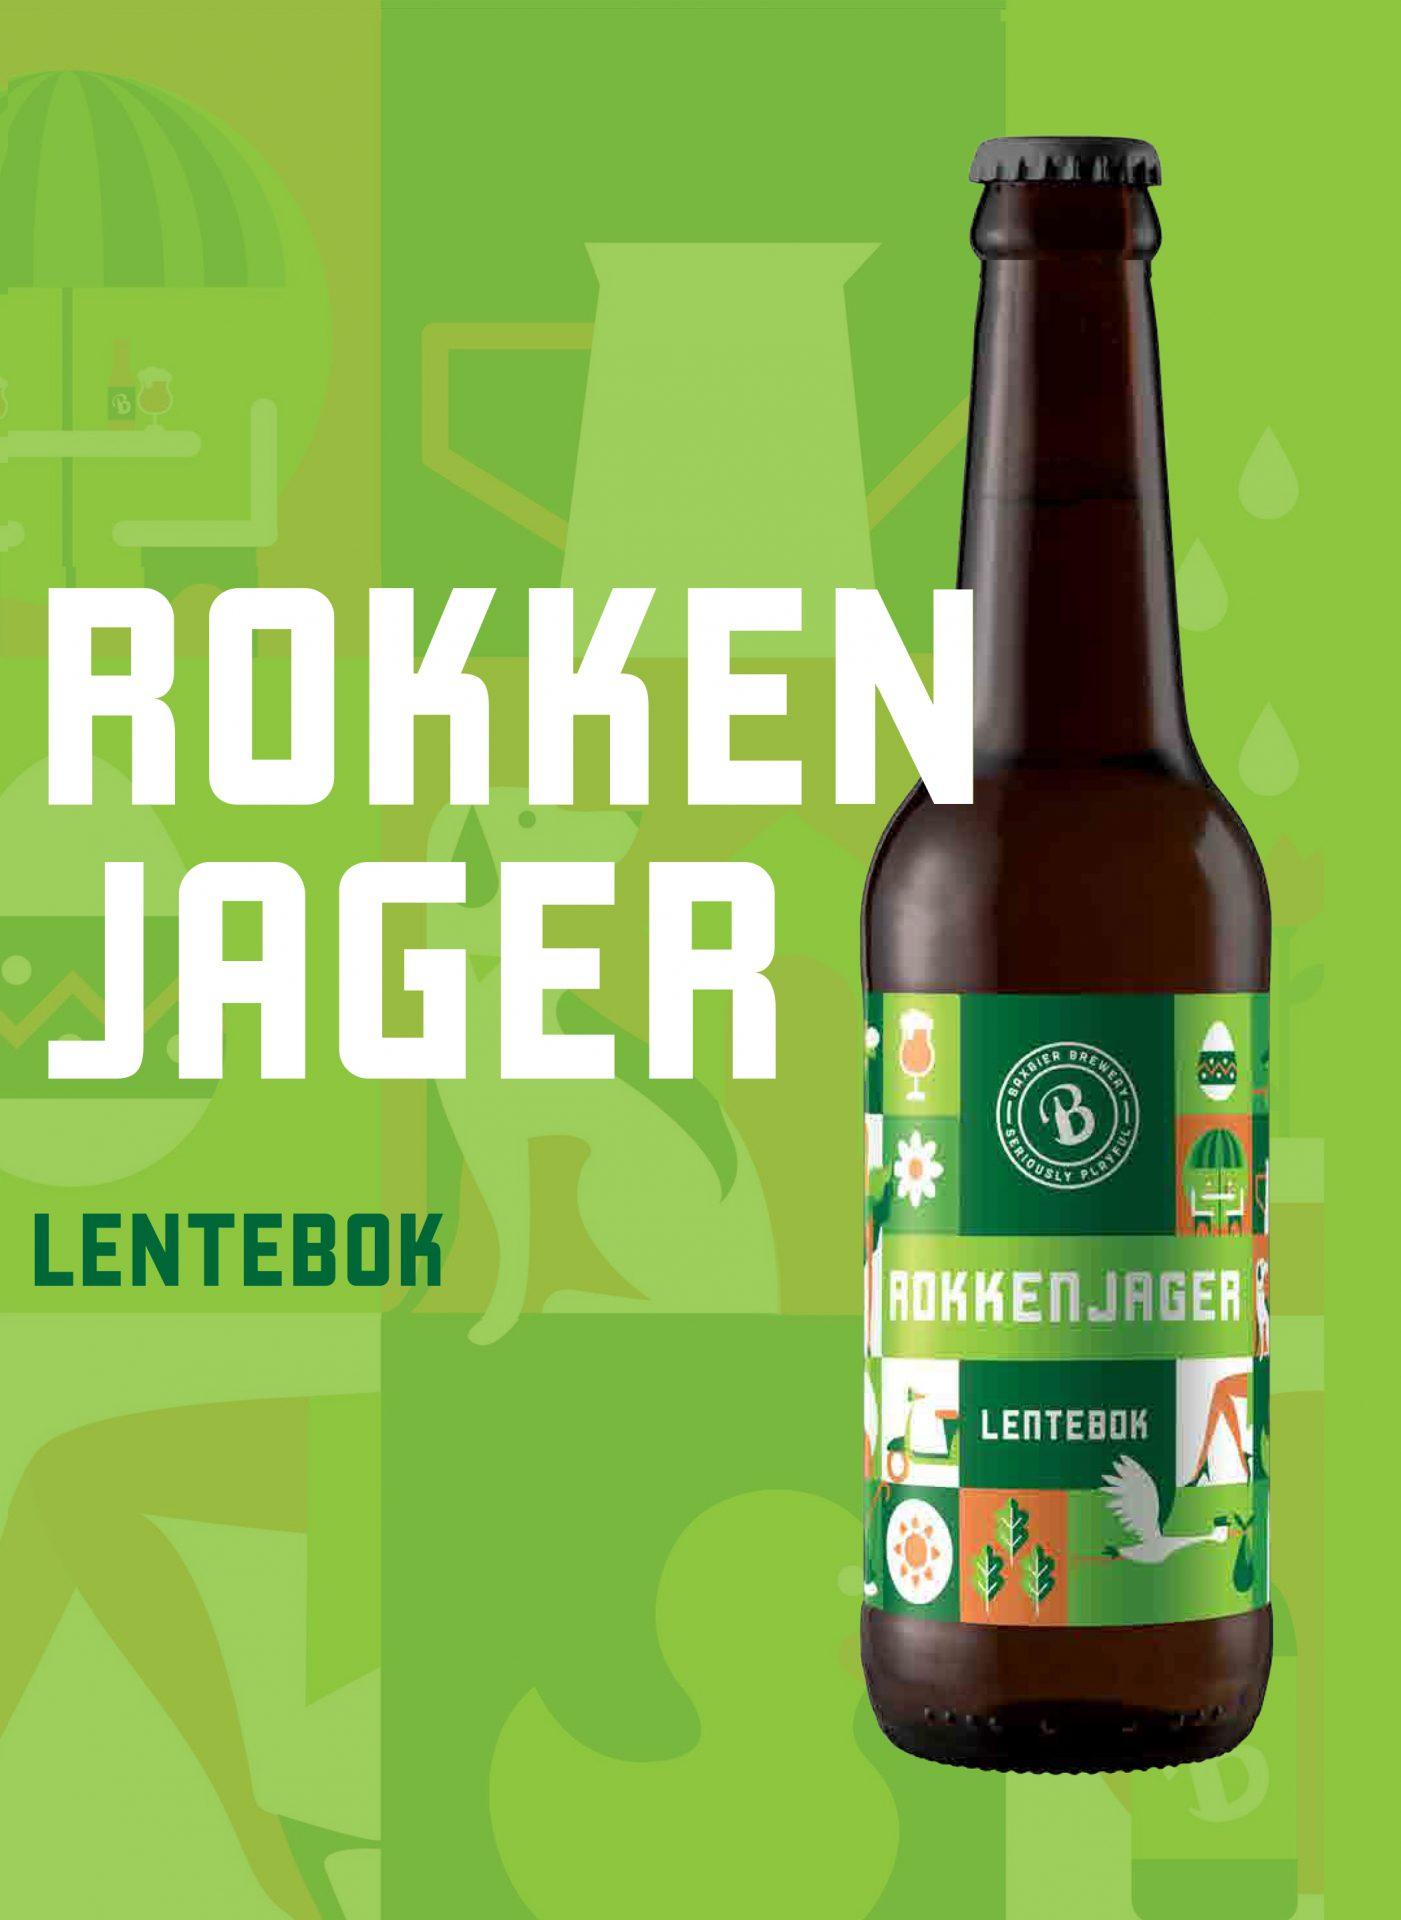 Nieuwsbrief-Nectar-Utrecht-Lentebier-Bax-Rokkenjager